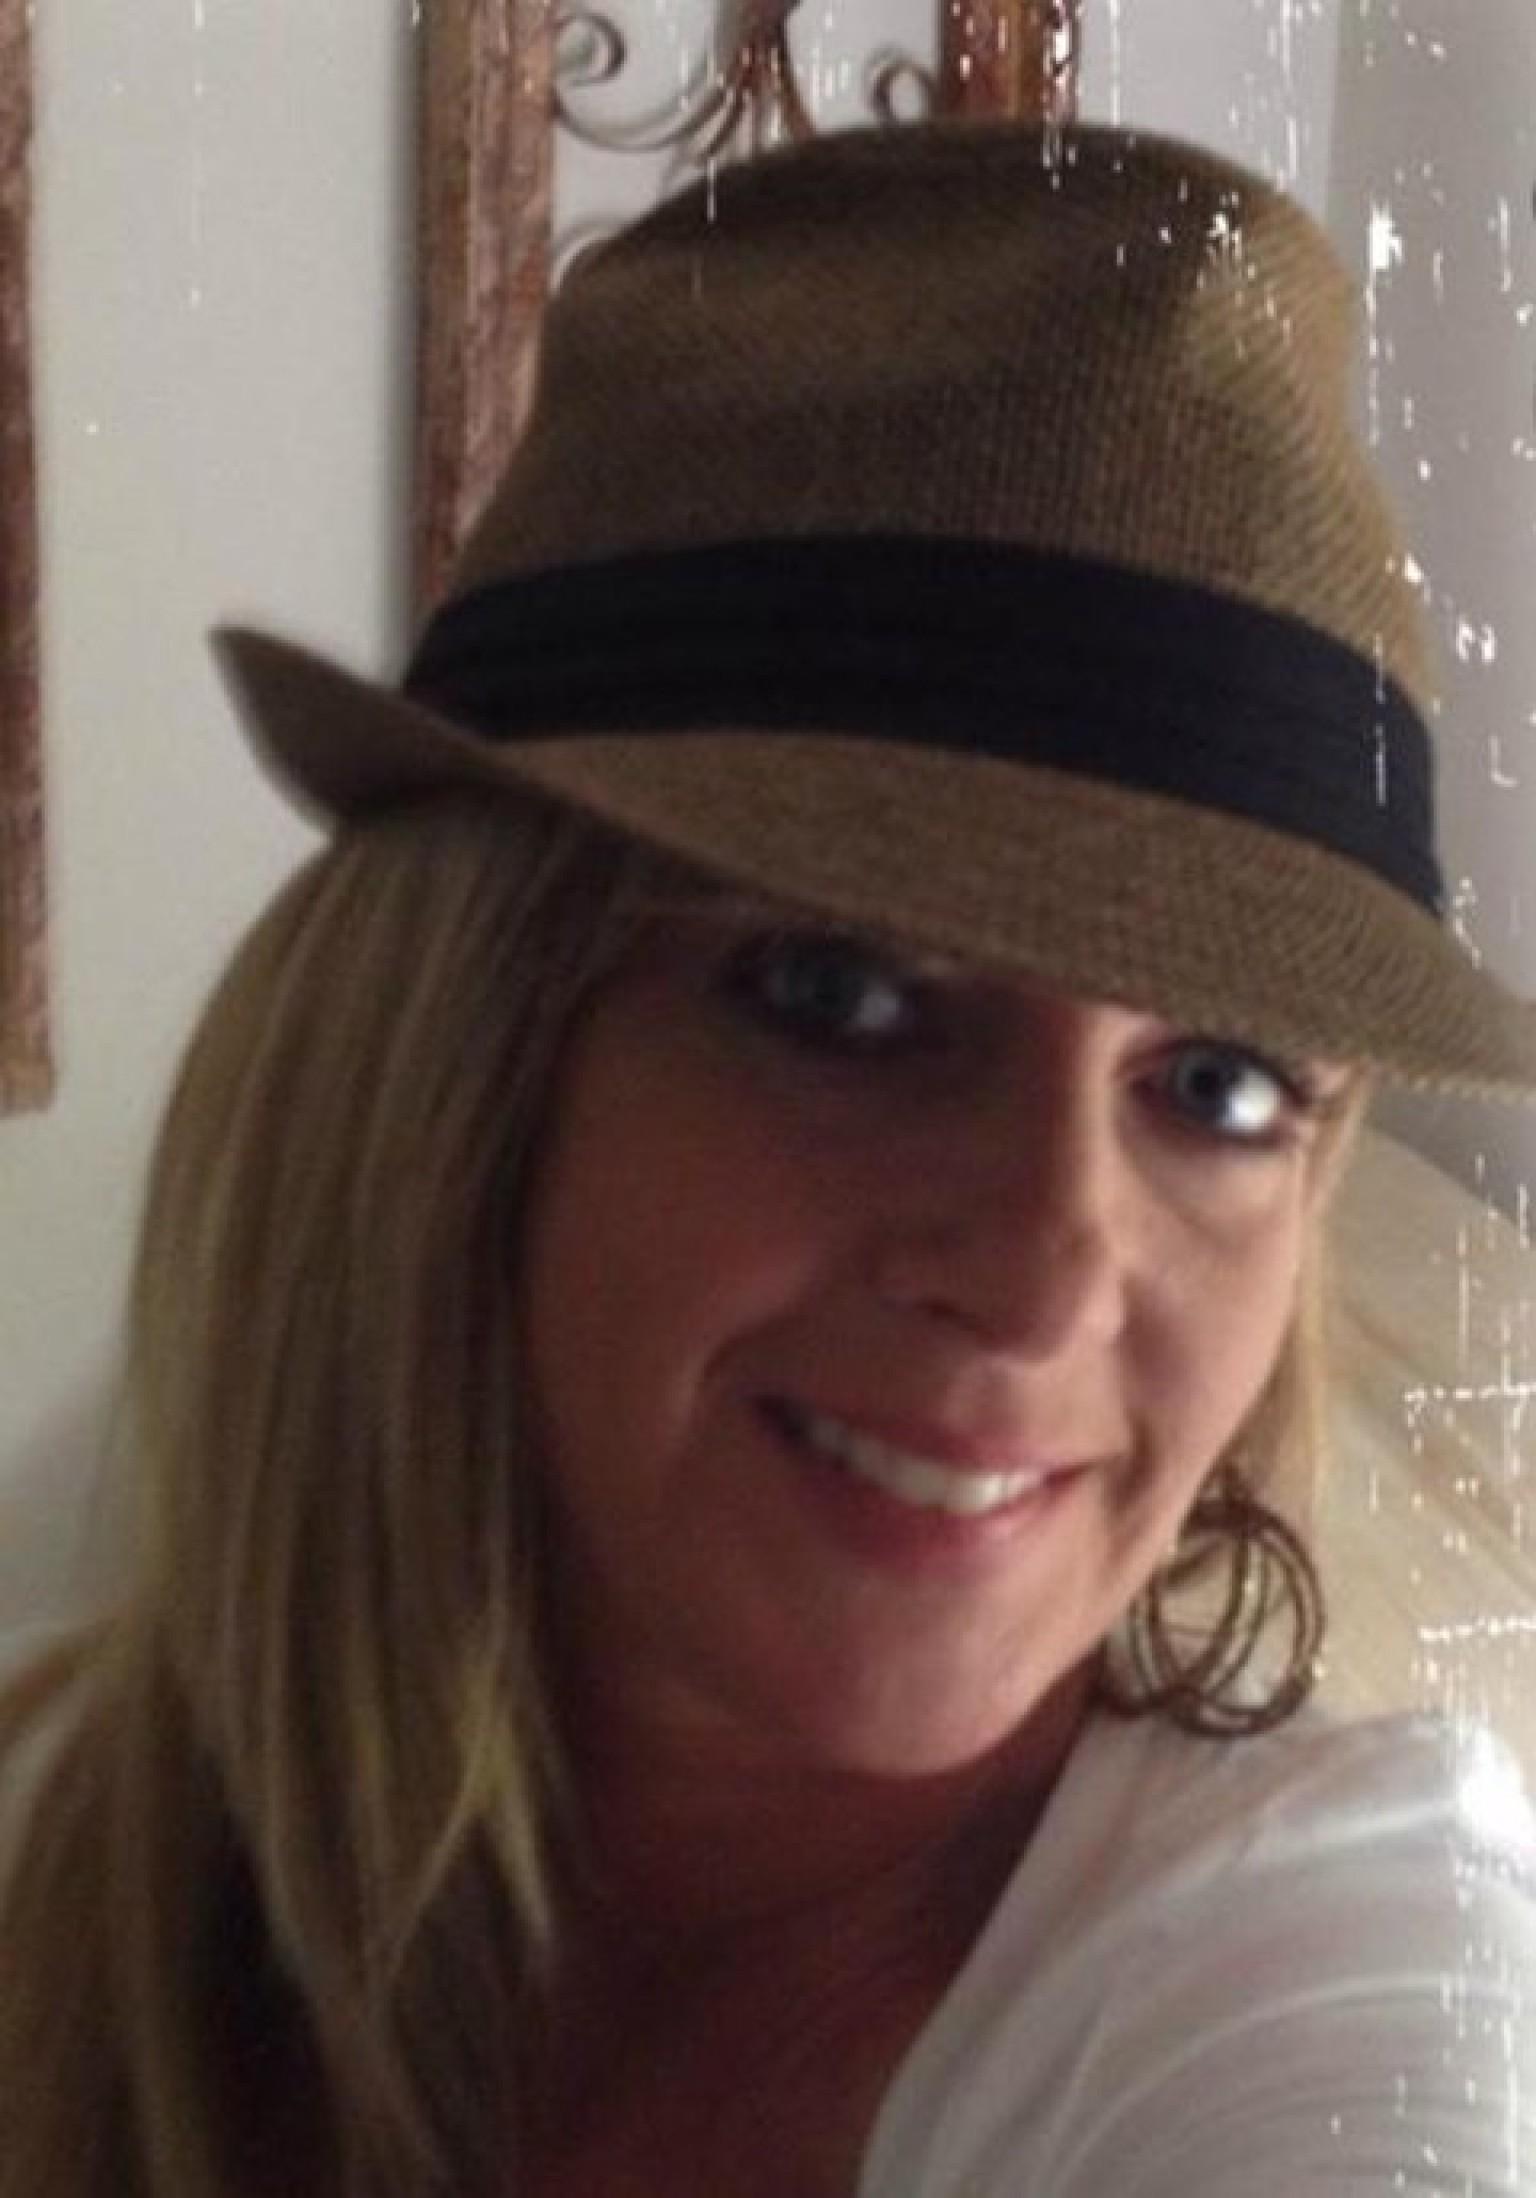 Alanna Masterson Alanna Masterson new picture